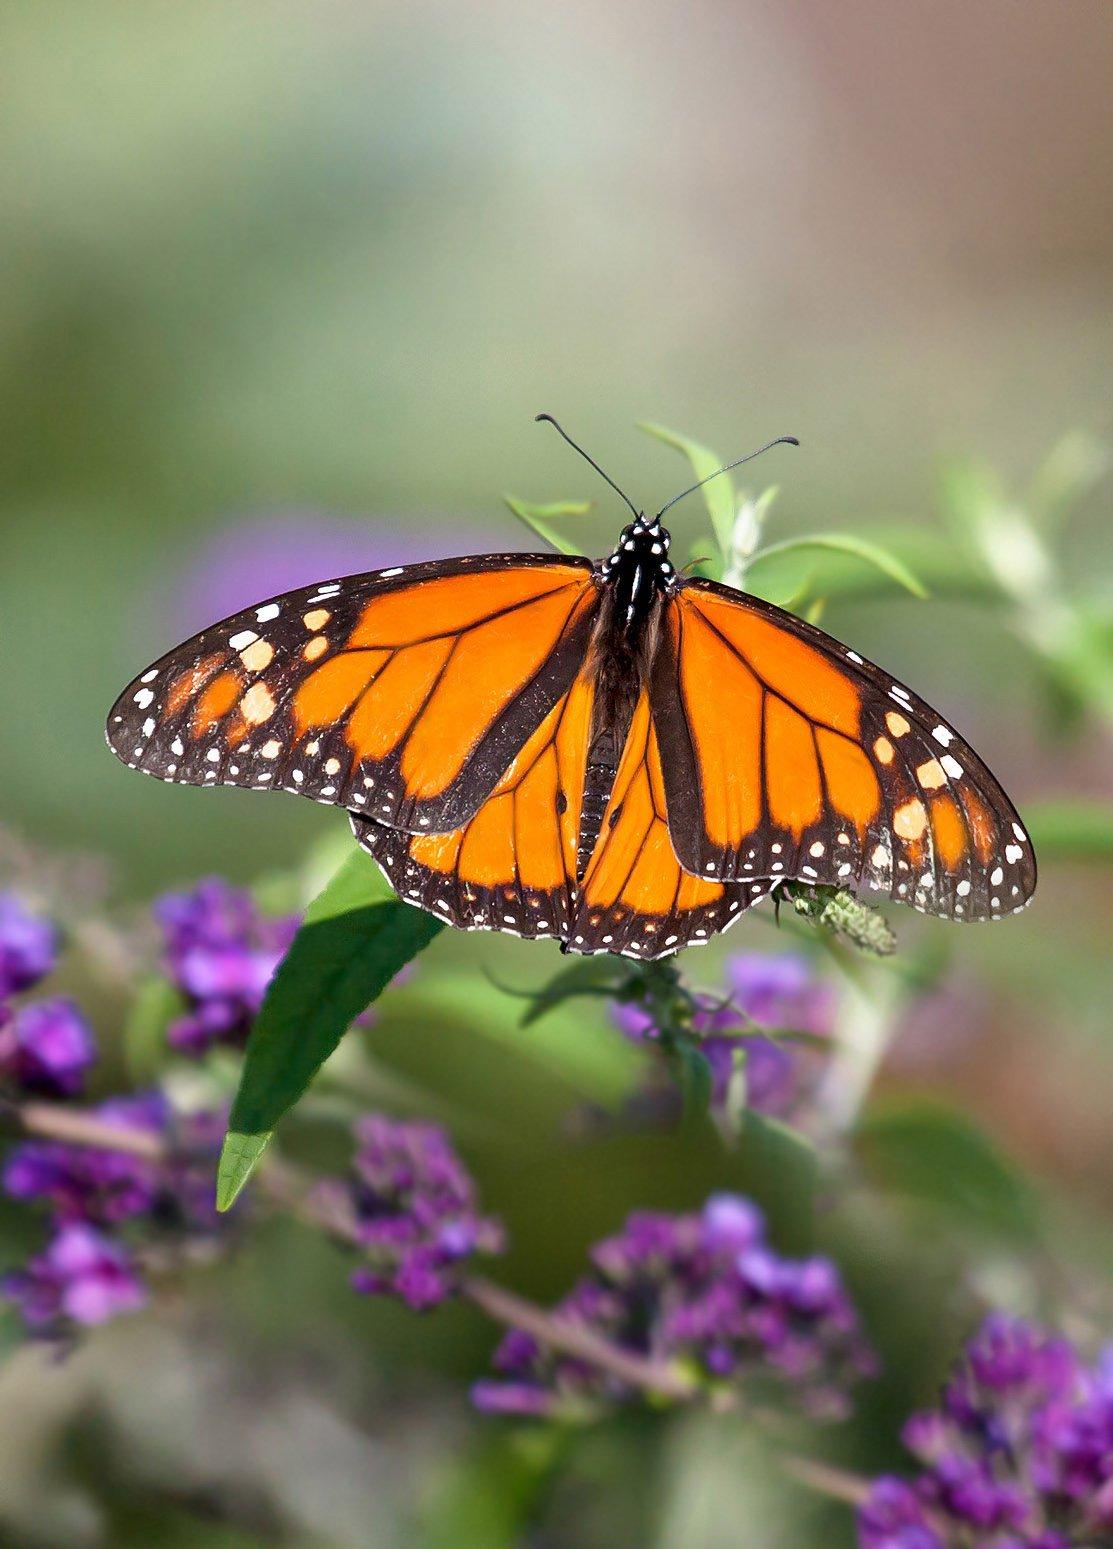 макро,бабочки,насекомые,монарх,природа,растения,цветы,листья,свет,крылья,осень,лето,, Антонина Яновска